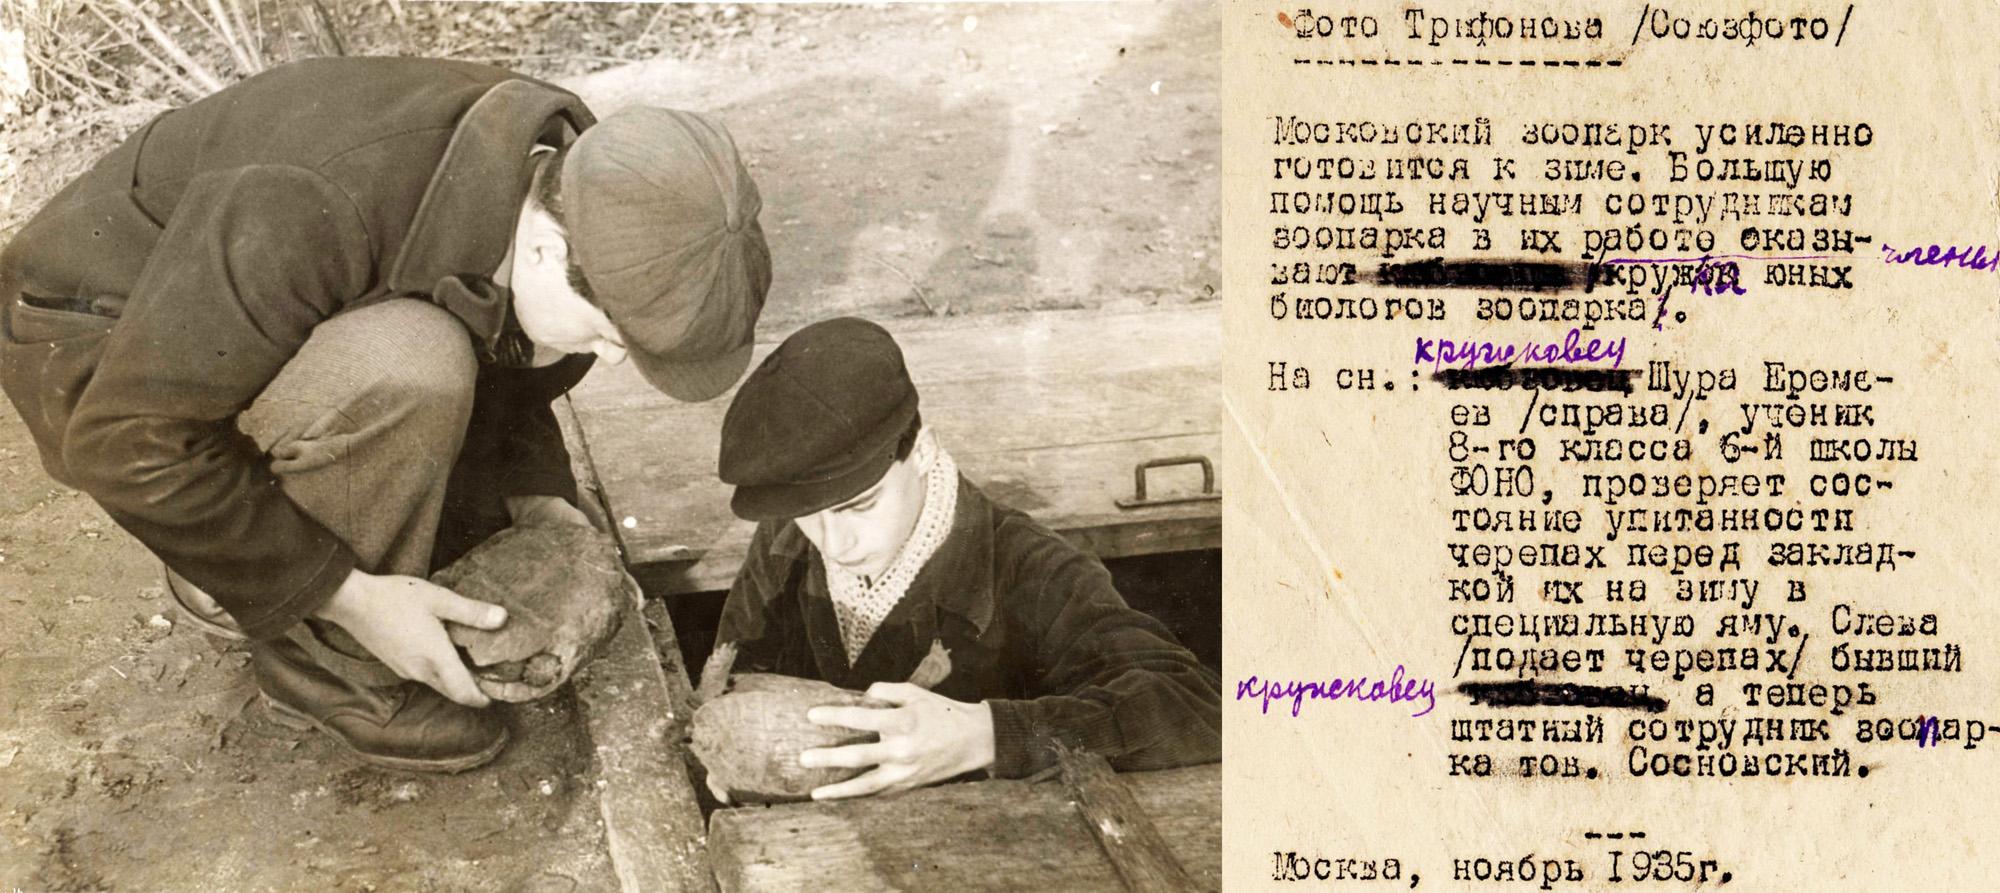 Фото: архив Веры Чаплиной.